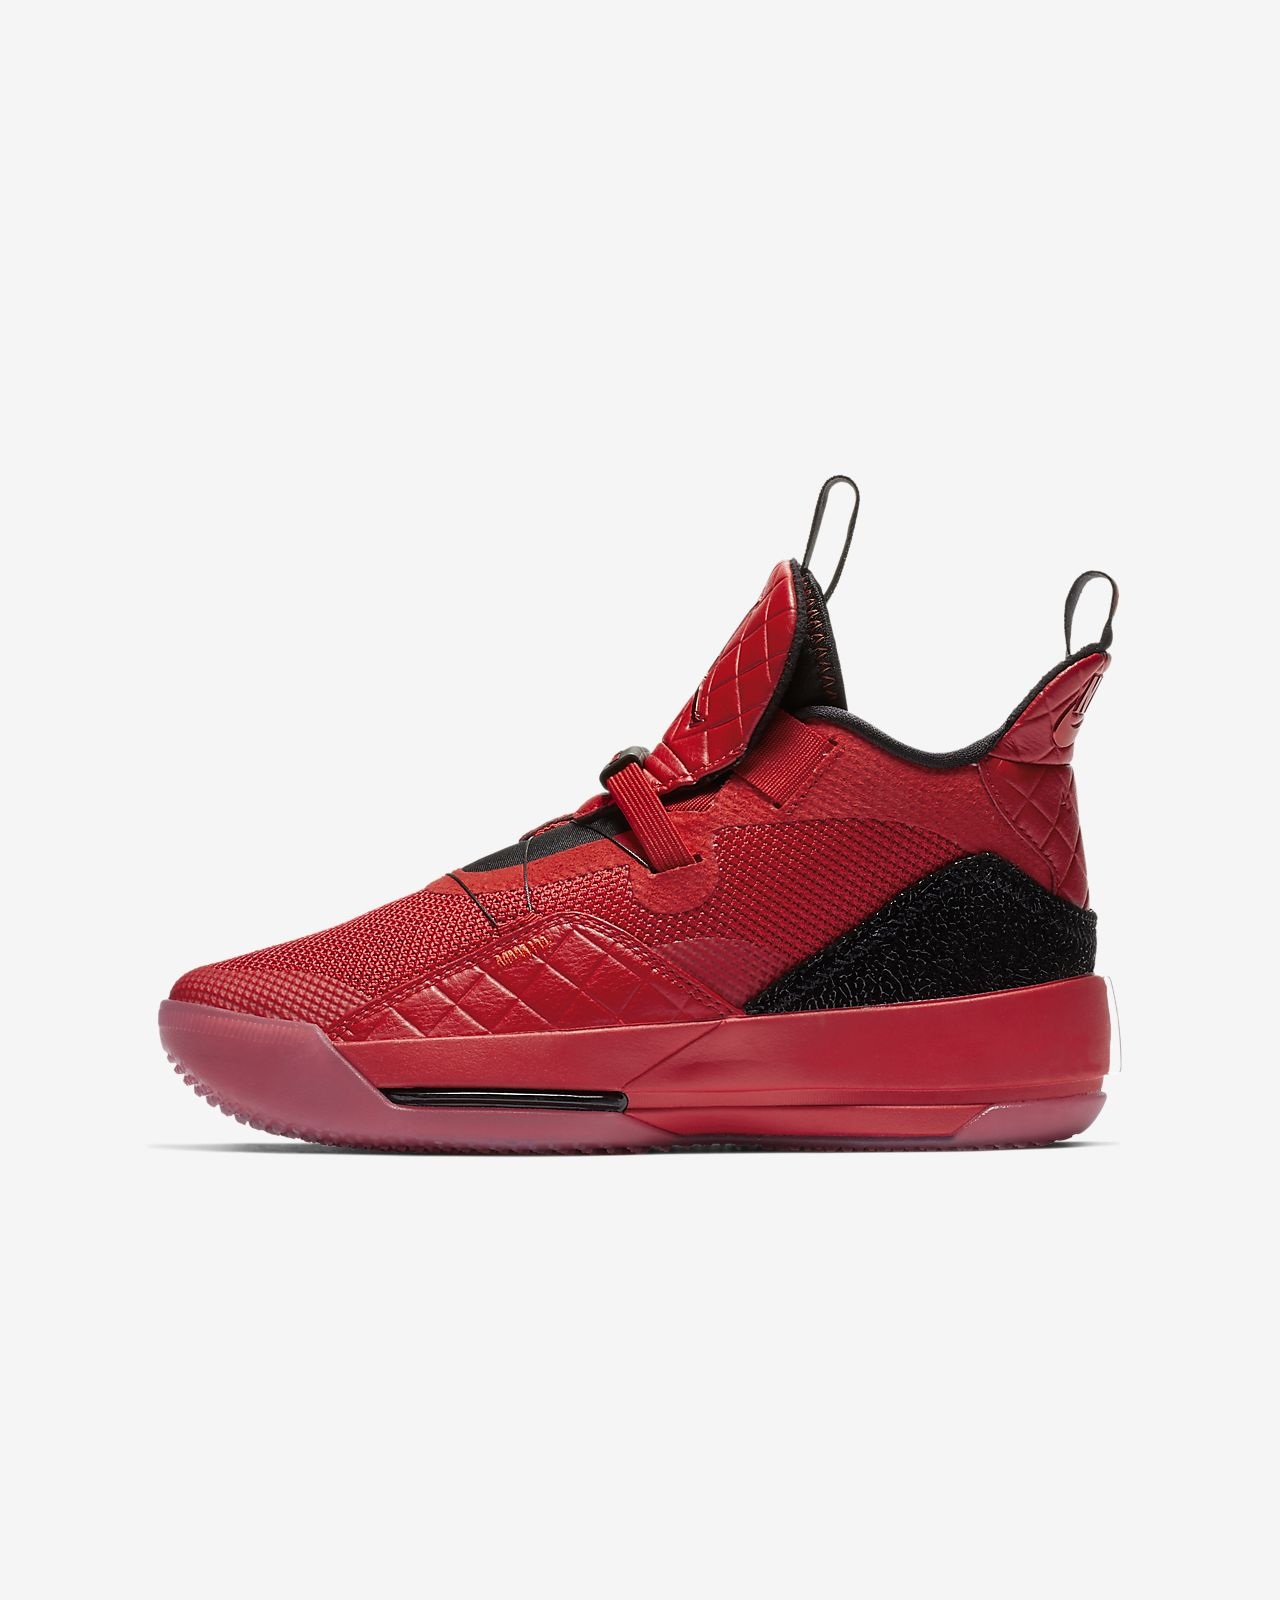 Air Jordan XXXIII Basketballschuh für ältere Kinder